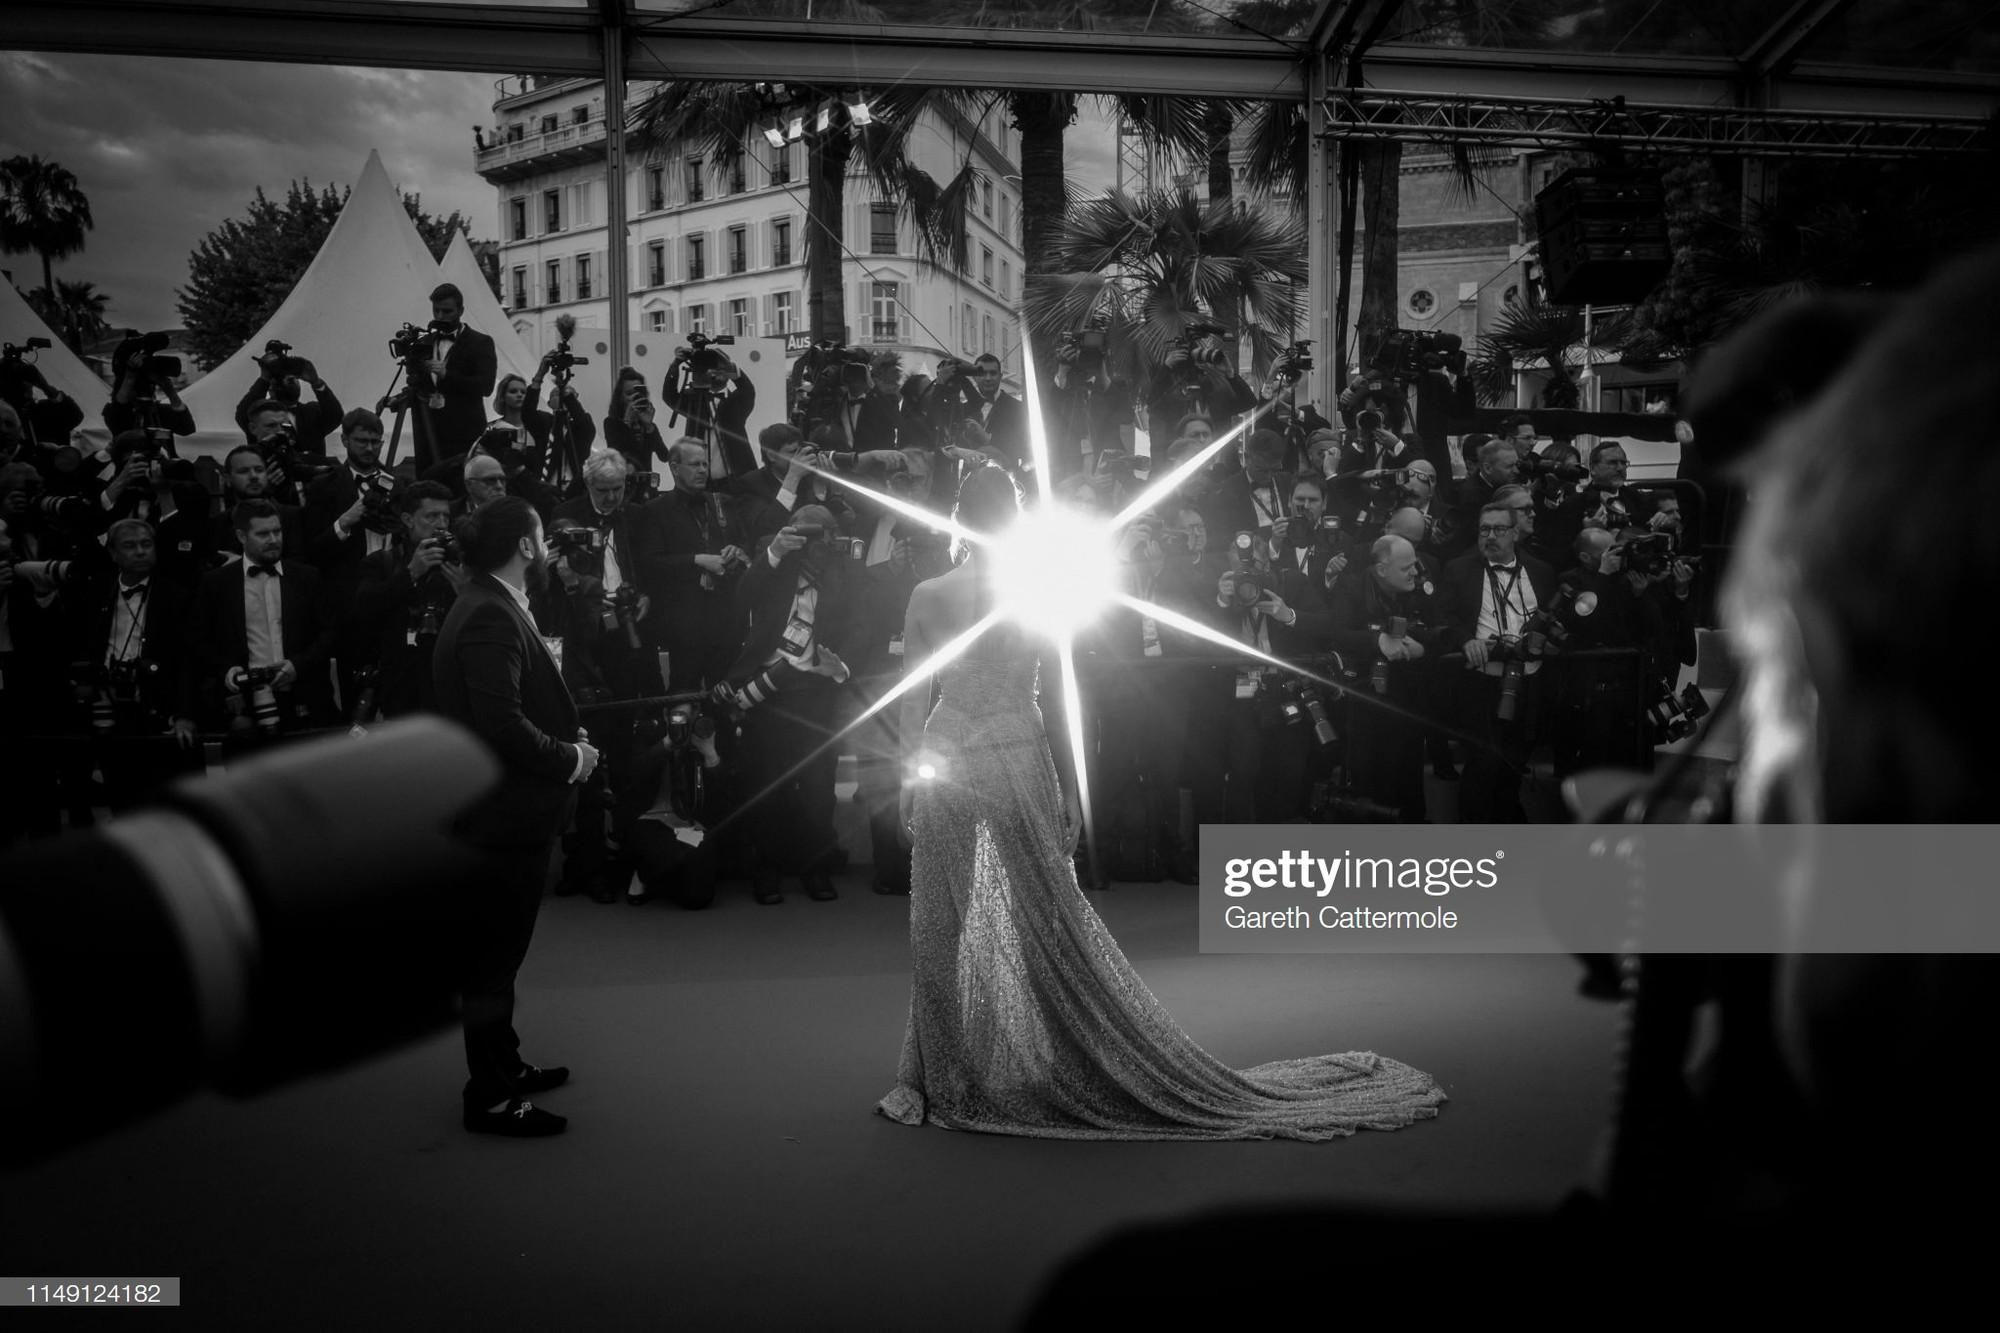 Top khoảnh khắc đắt giá nhất Cannes 2019: Dàn mỹ nhân 9X bất ngờ chiếm đa số, Selena và cặp đôi Brooklyn ấn tượng mạnh - Ảnh 22.